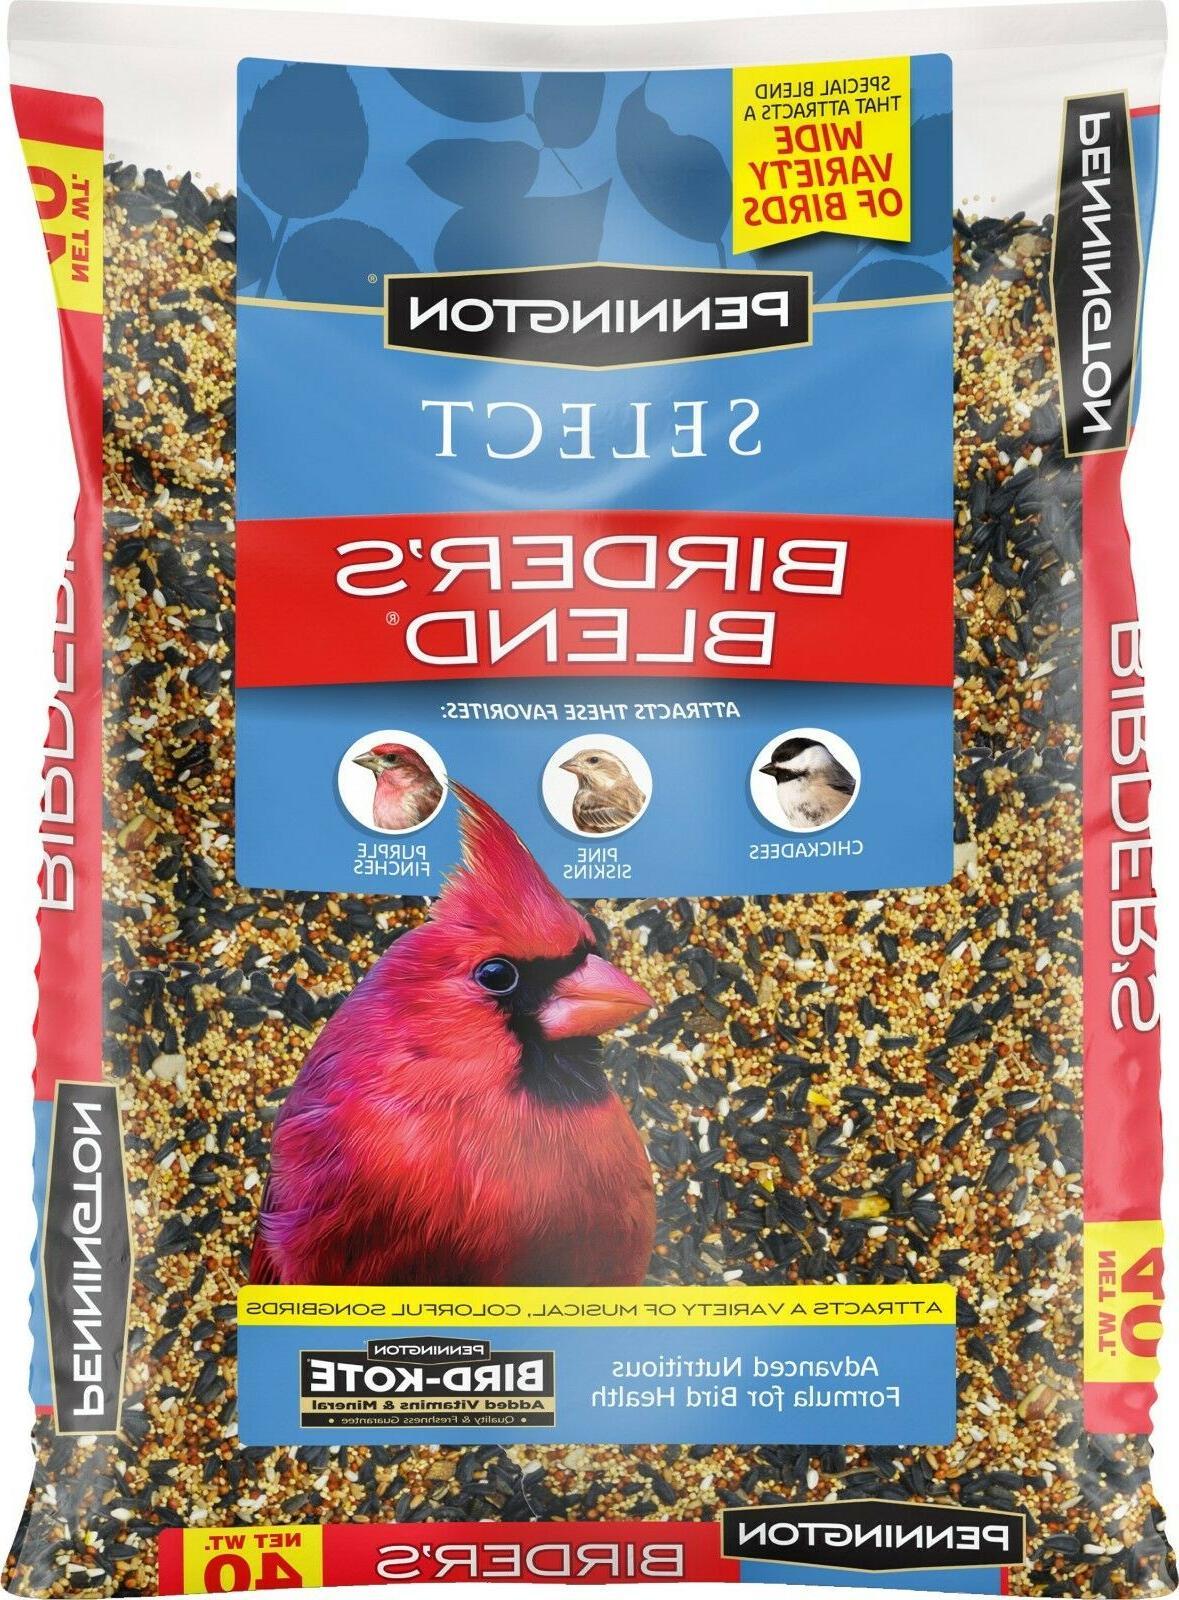 Pennington Wild Bird Feed, Bird lbs